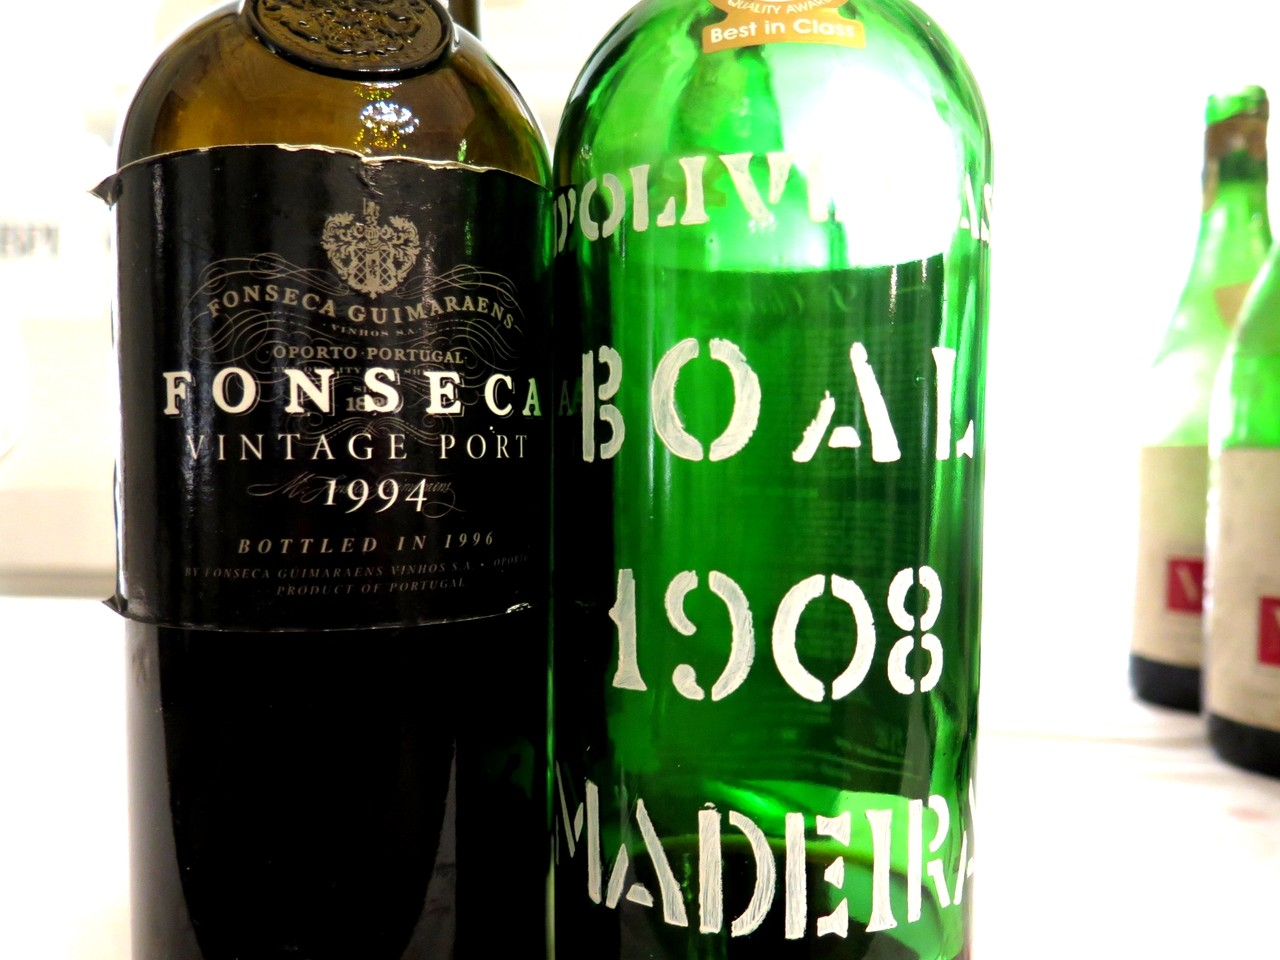 Fonseca Porto Vintage 1994 / D'Oliveira Boal 1908